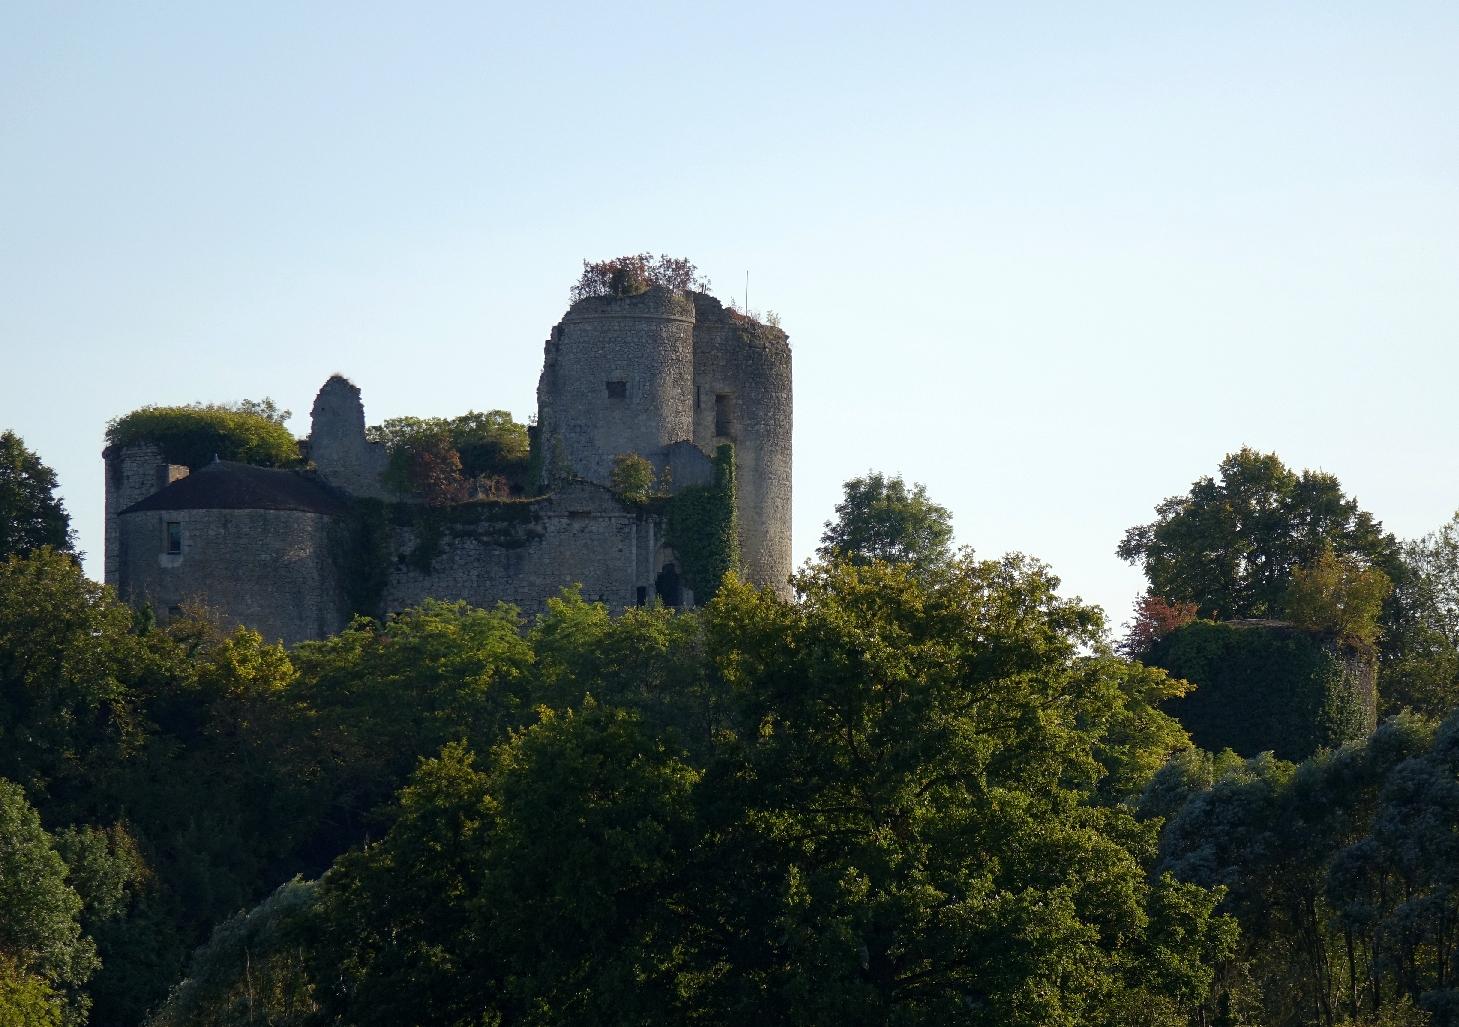 1722-chateau_de_montaigu-le-blin_03.jpg